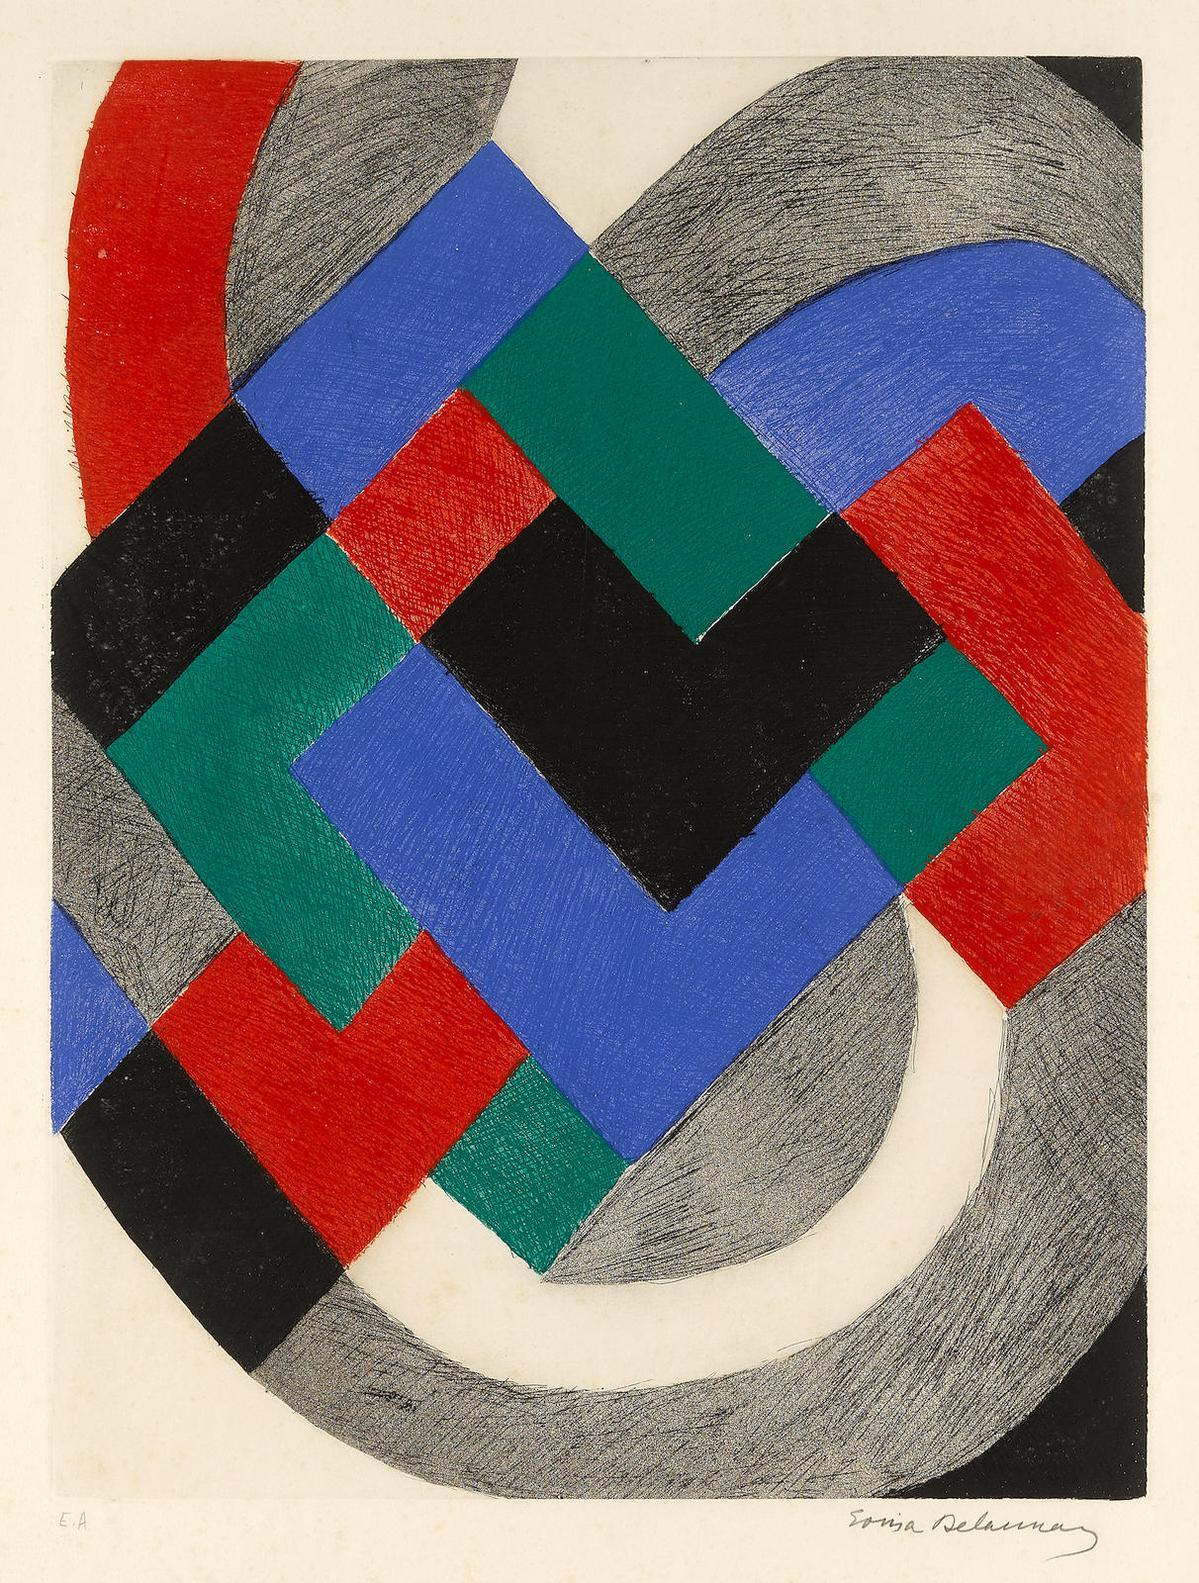 Sonia Delaunay-Untitled-1960